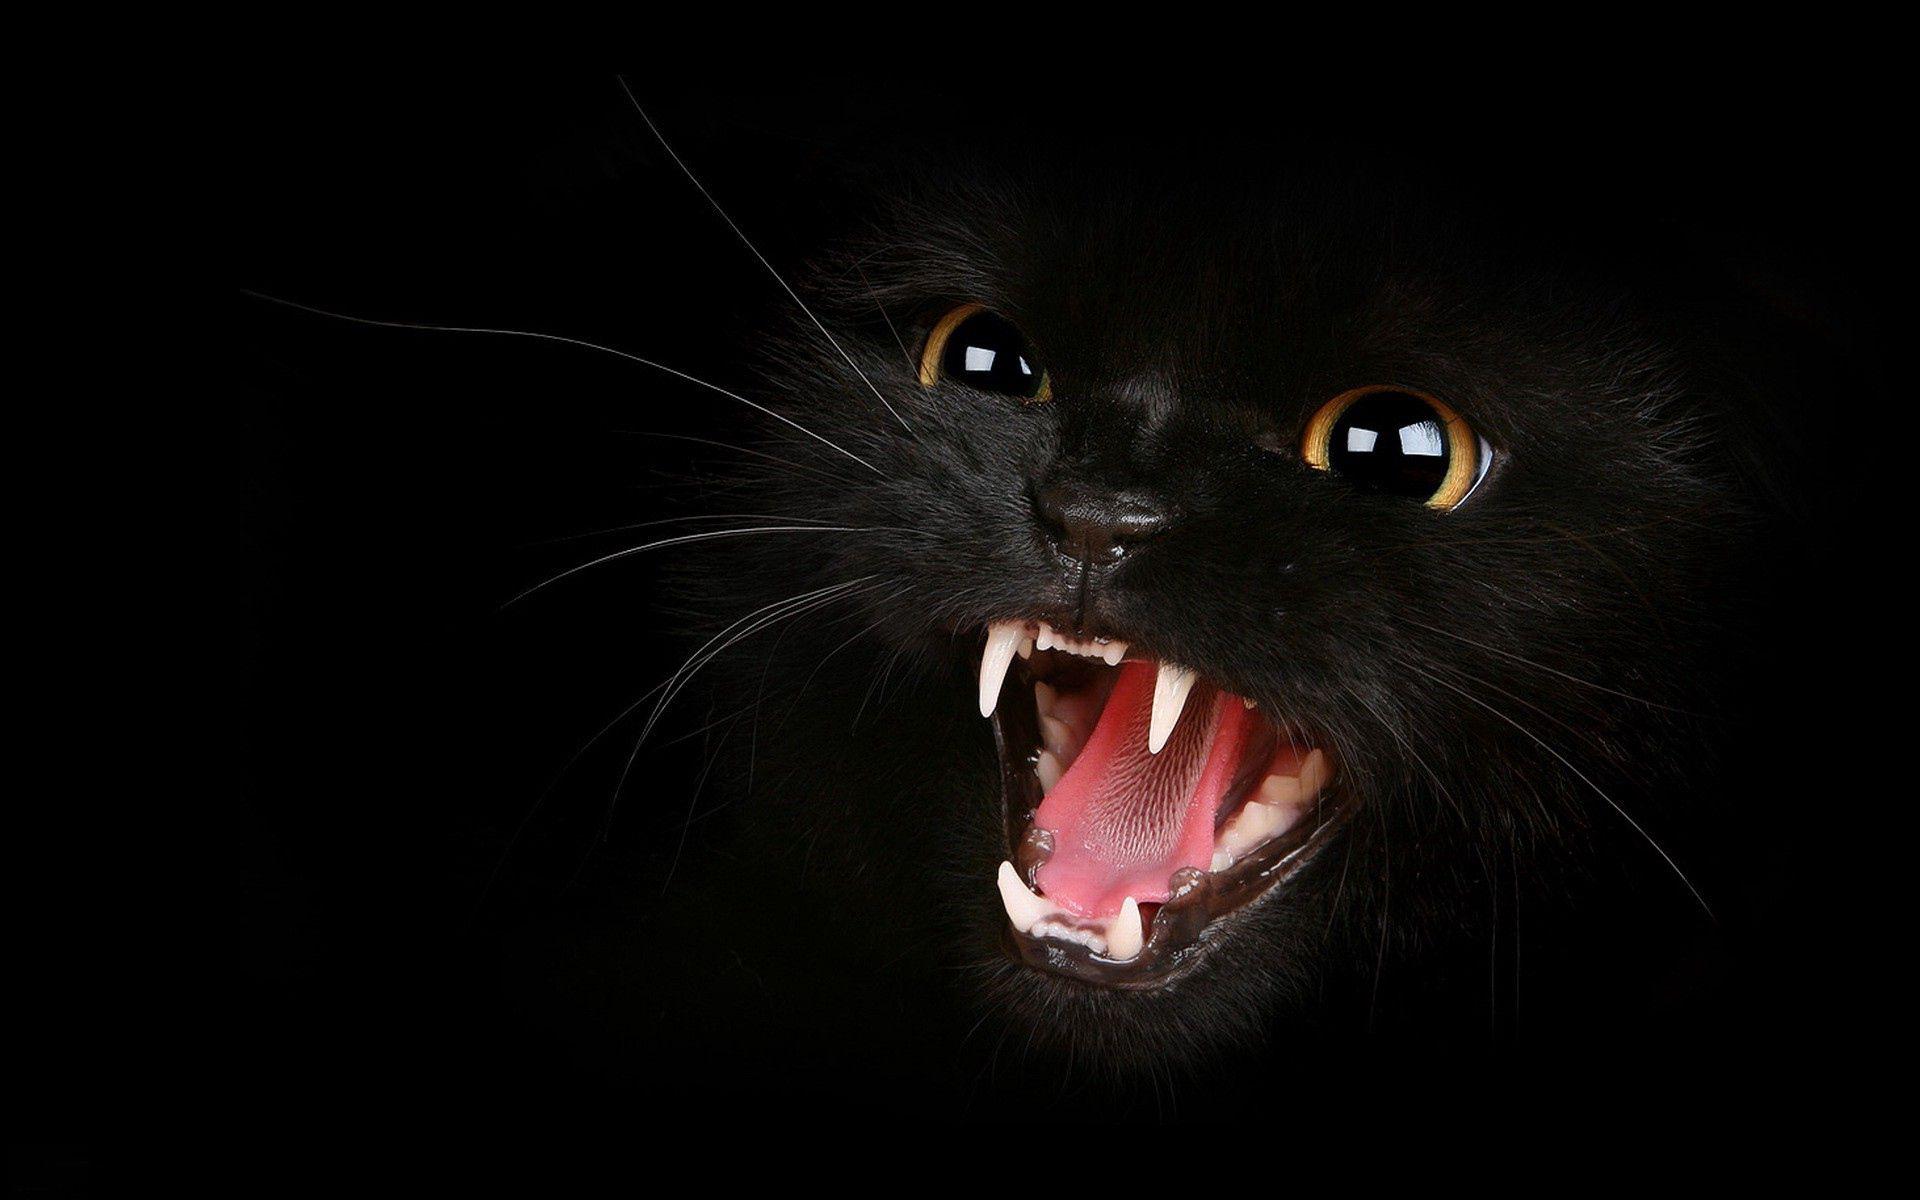 153596 скачать обои Черный, Оскал, Животные, Агрессия, Глаза, Котенок, Мяу - заставки и картинки бесплатно